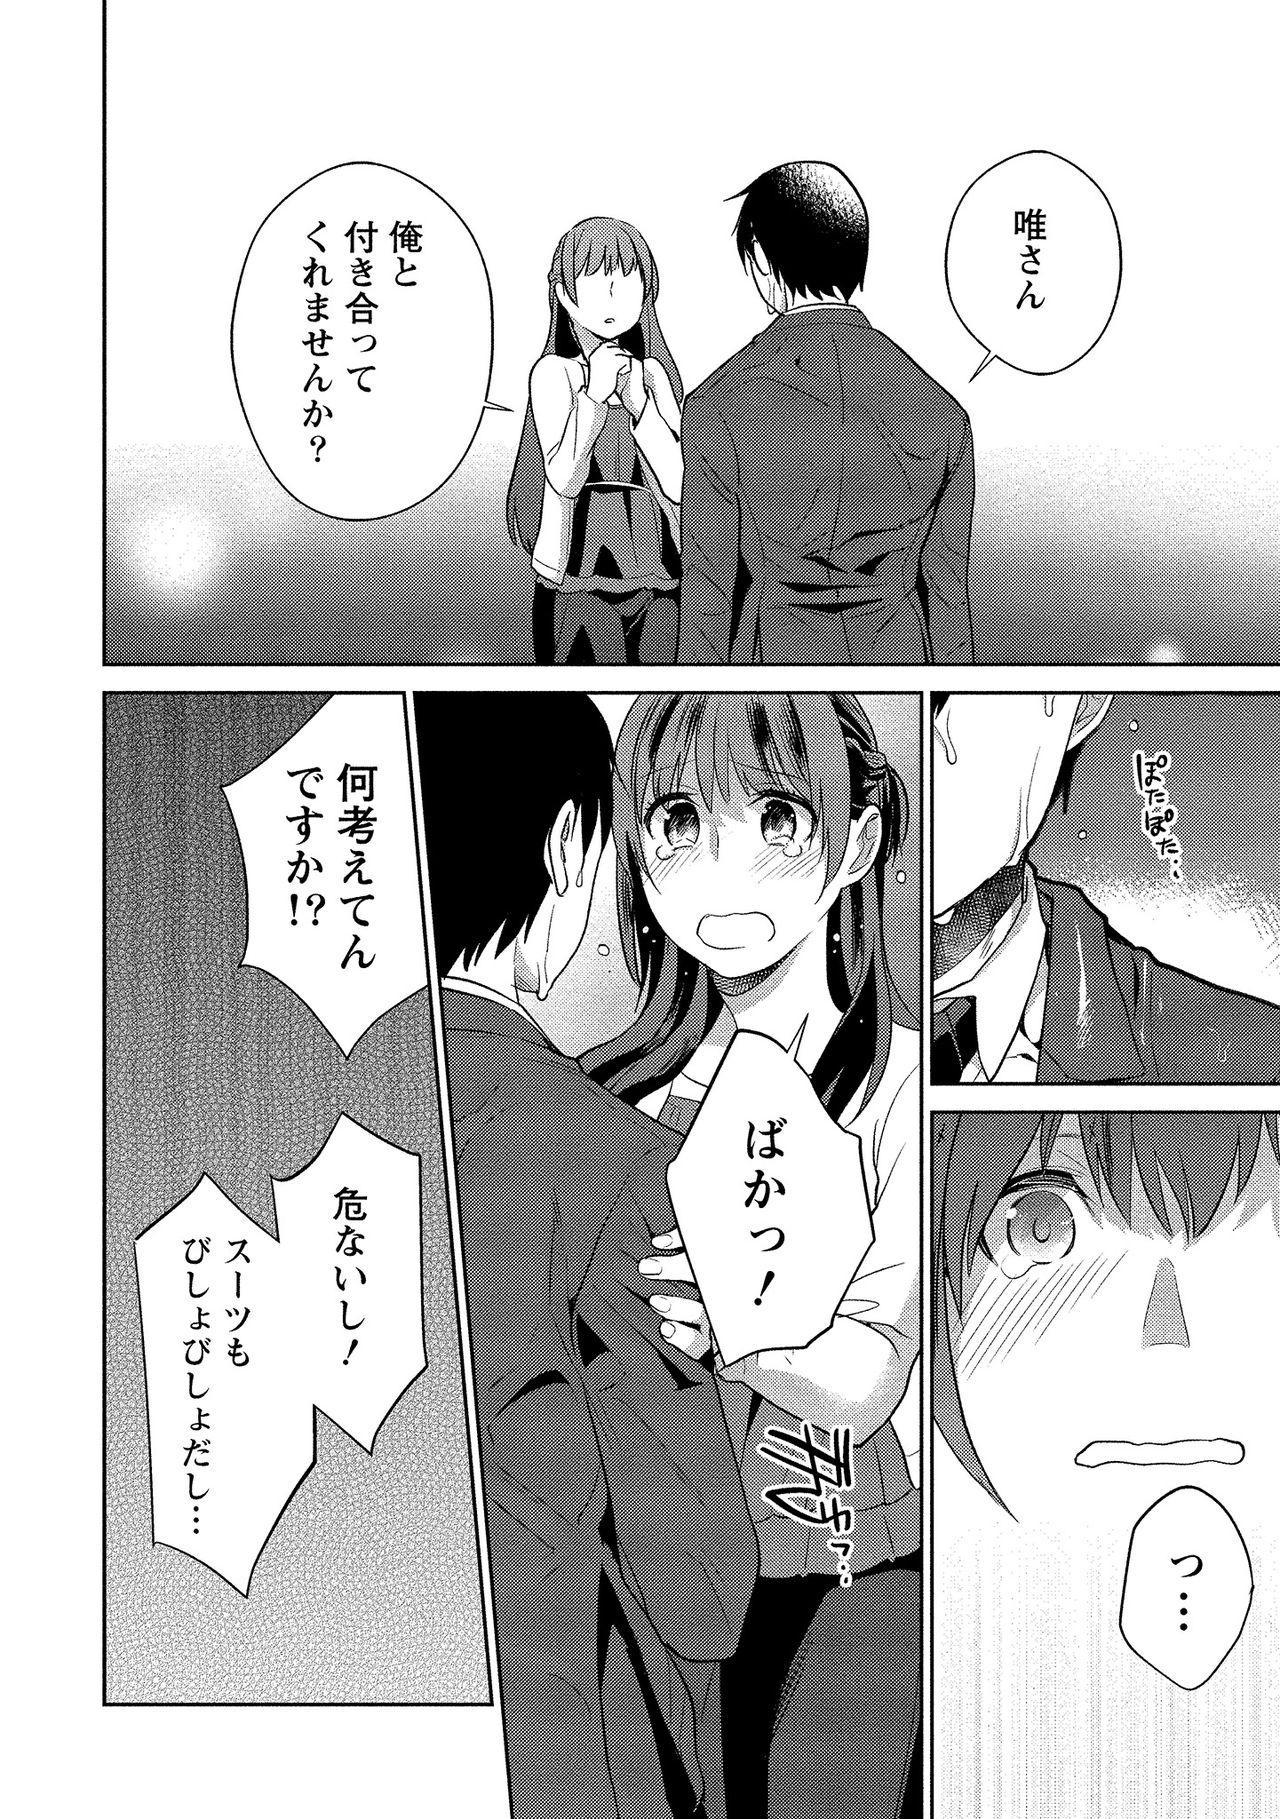 Dorobou Neko wa Kanojo no Hajimari 212